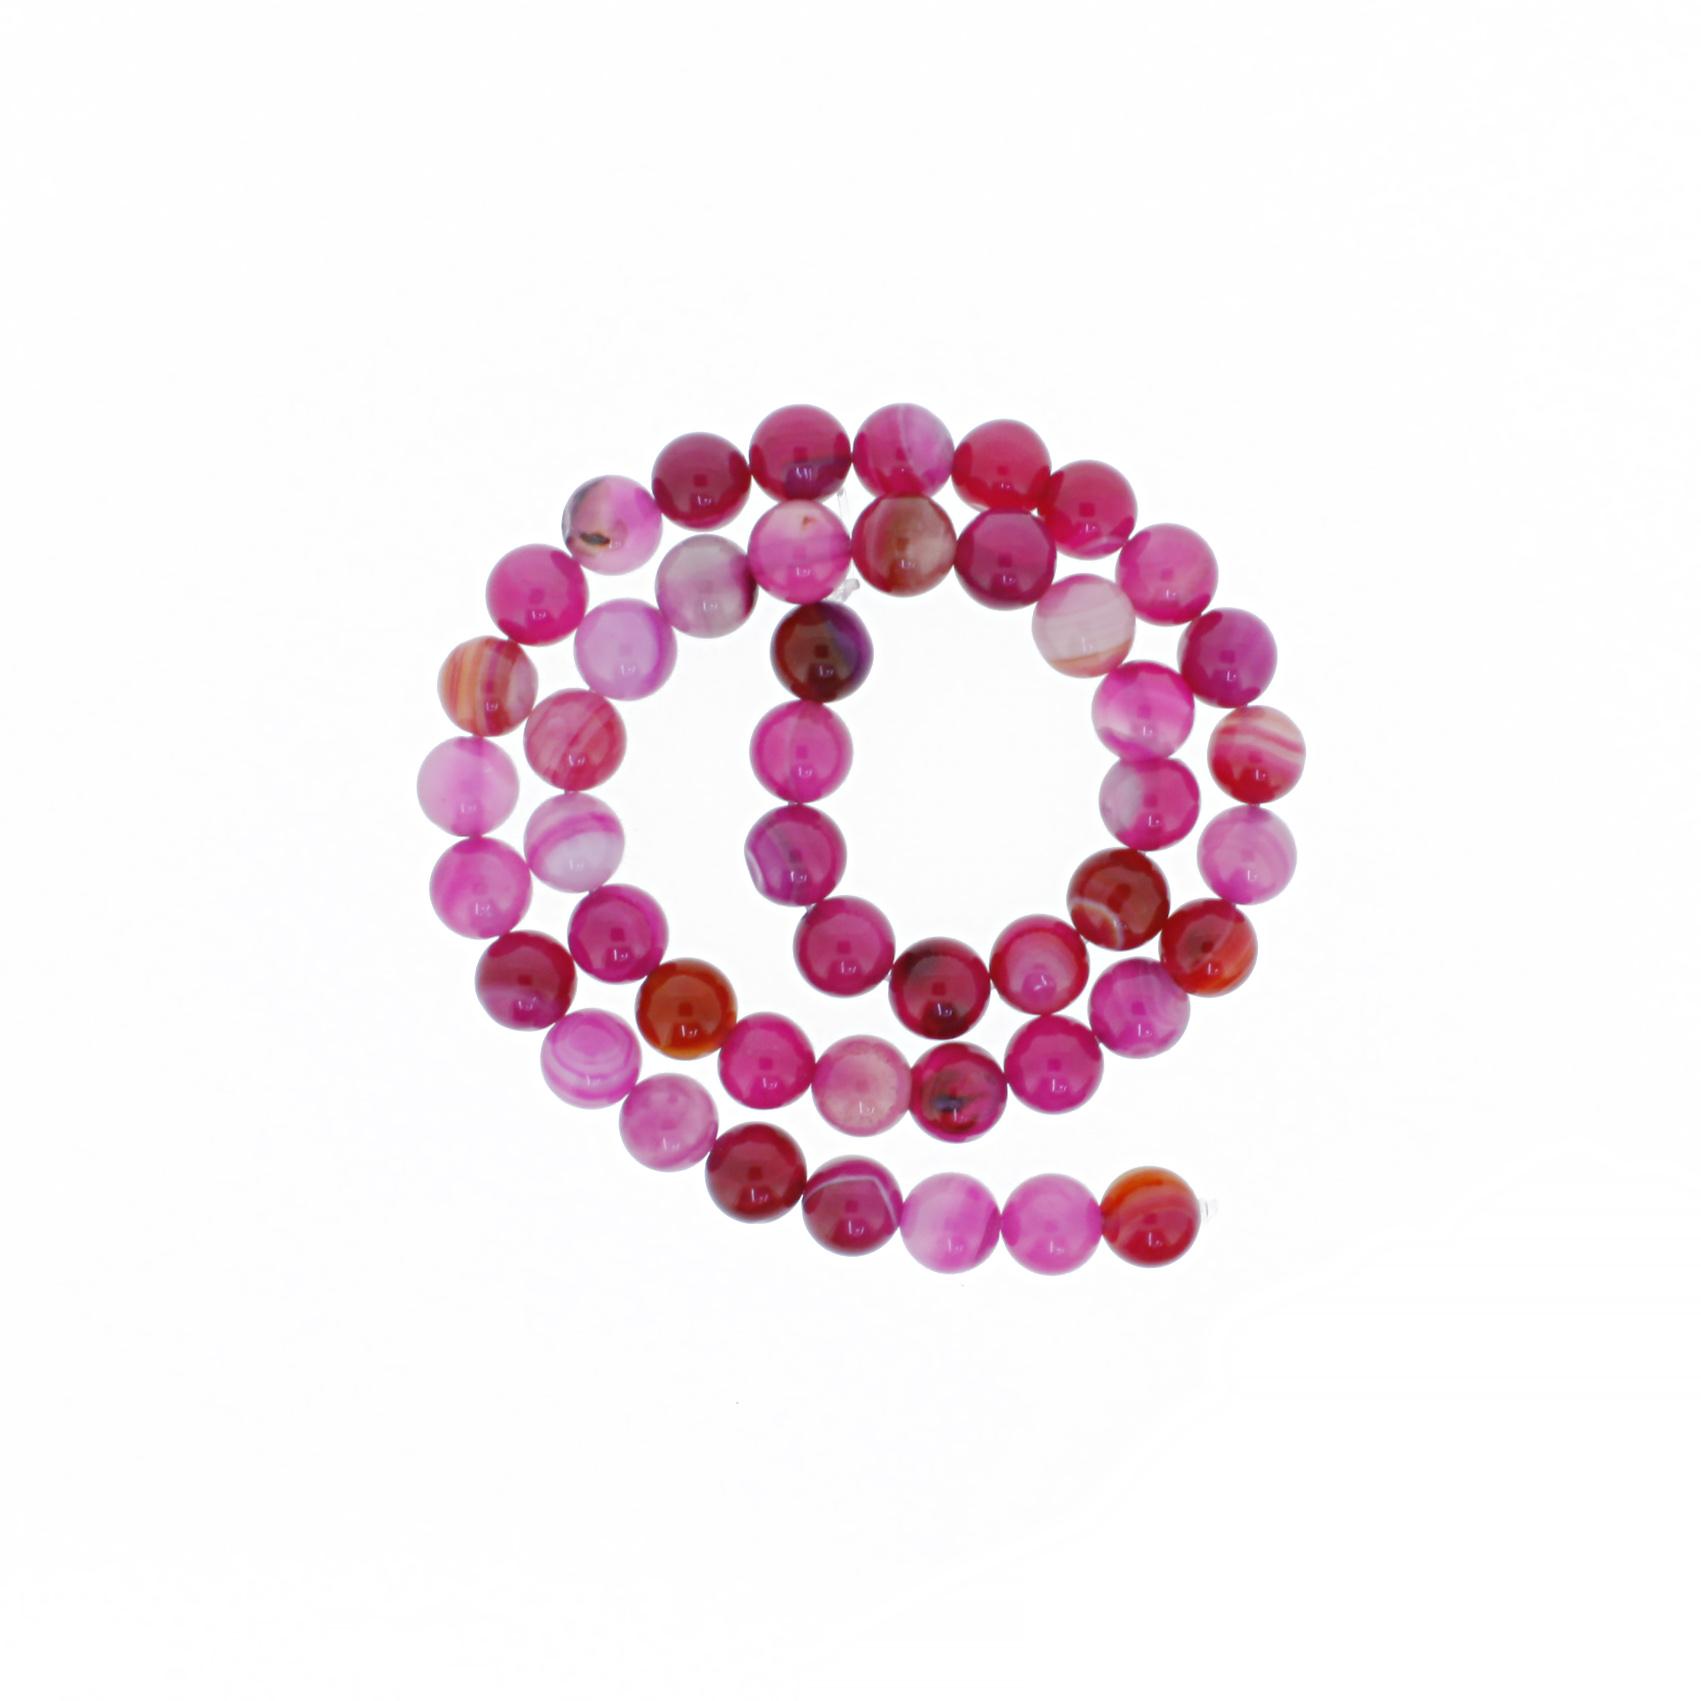 Fio de Pedra - Ágata Rosa - 8mm  - Stéphanie Bijoux® - Peças para Bijuterias e Artesanato